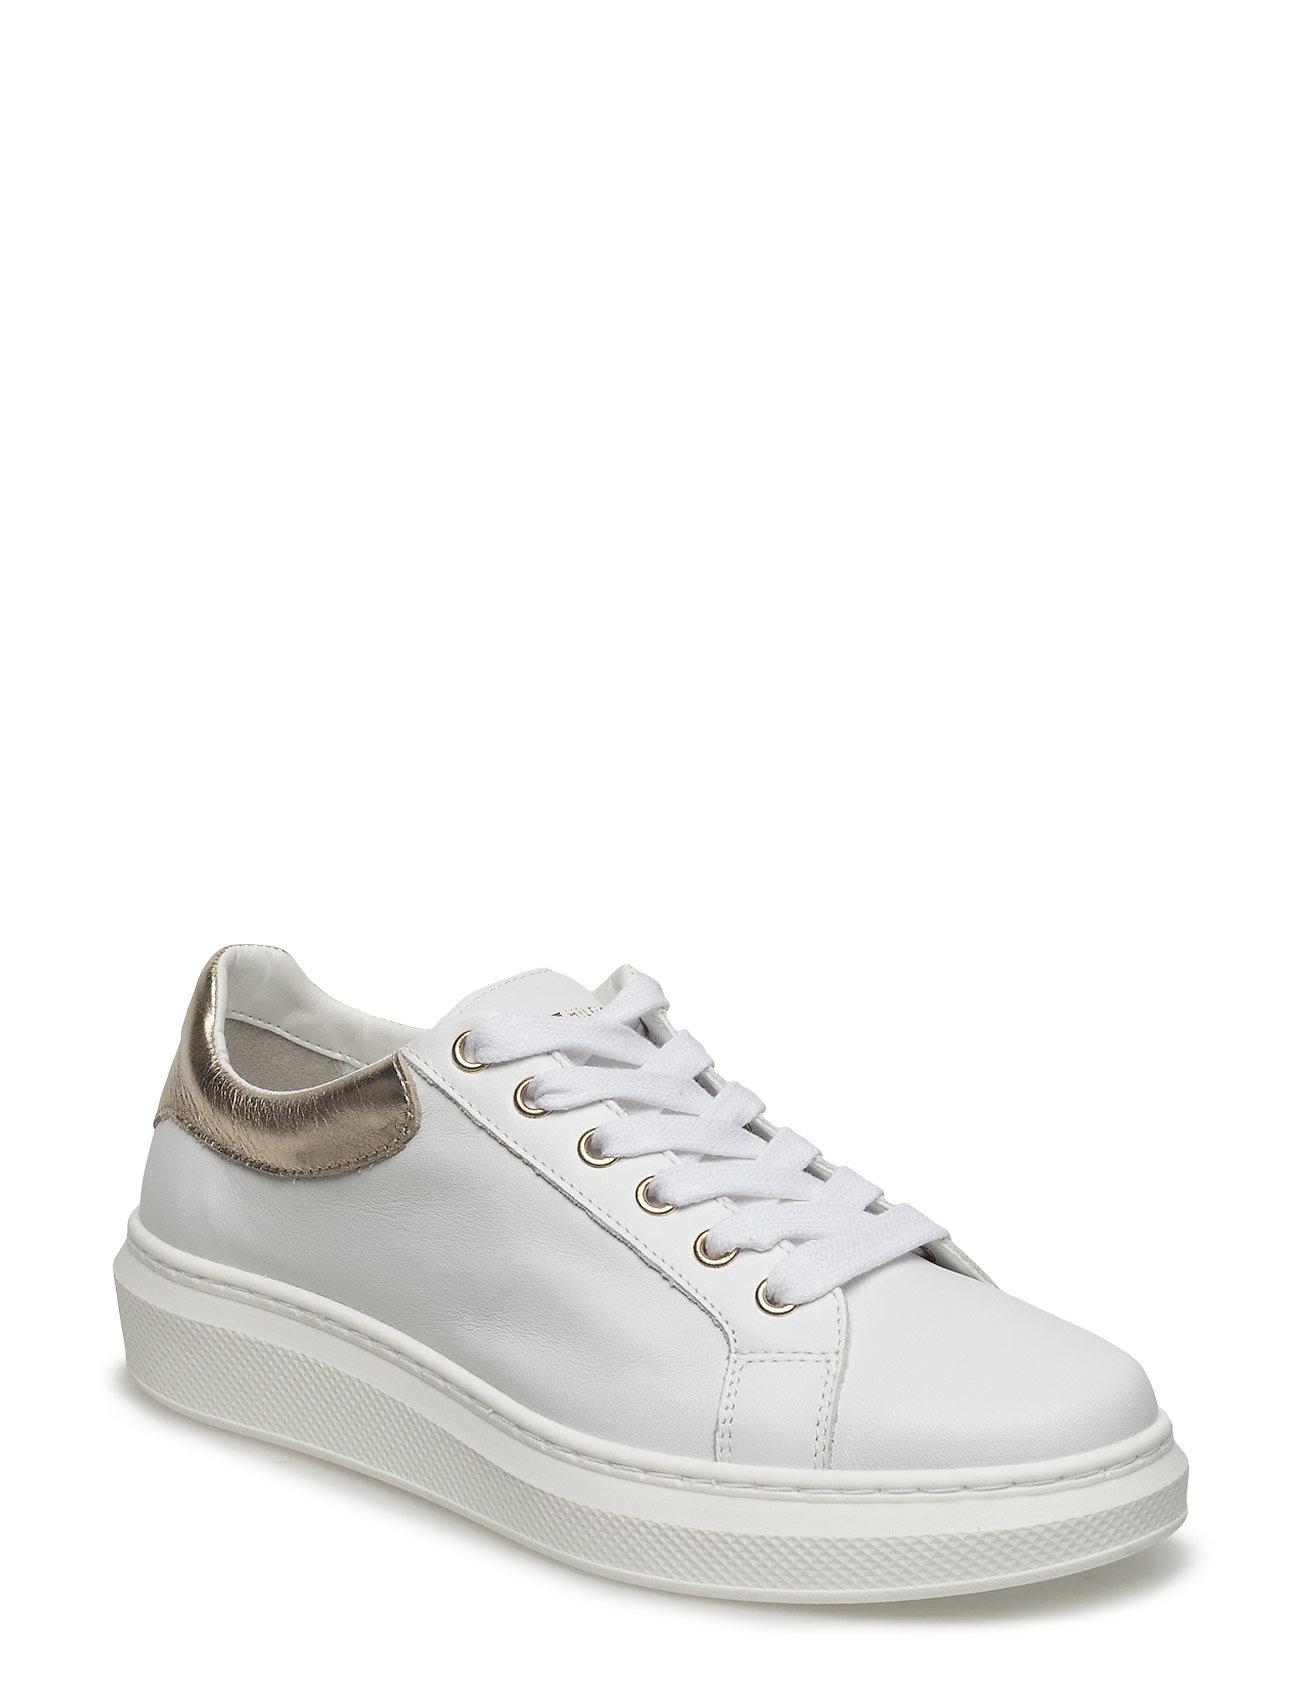 S1285abrina 1a1 Tommy Hilfiger Sneakers til Damer i hvid